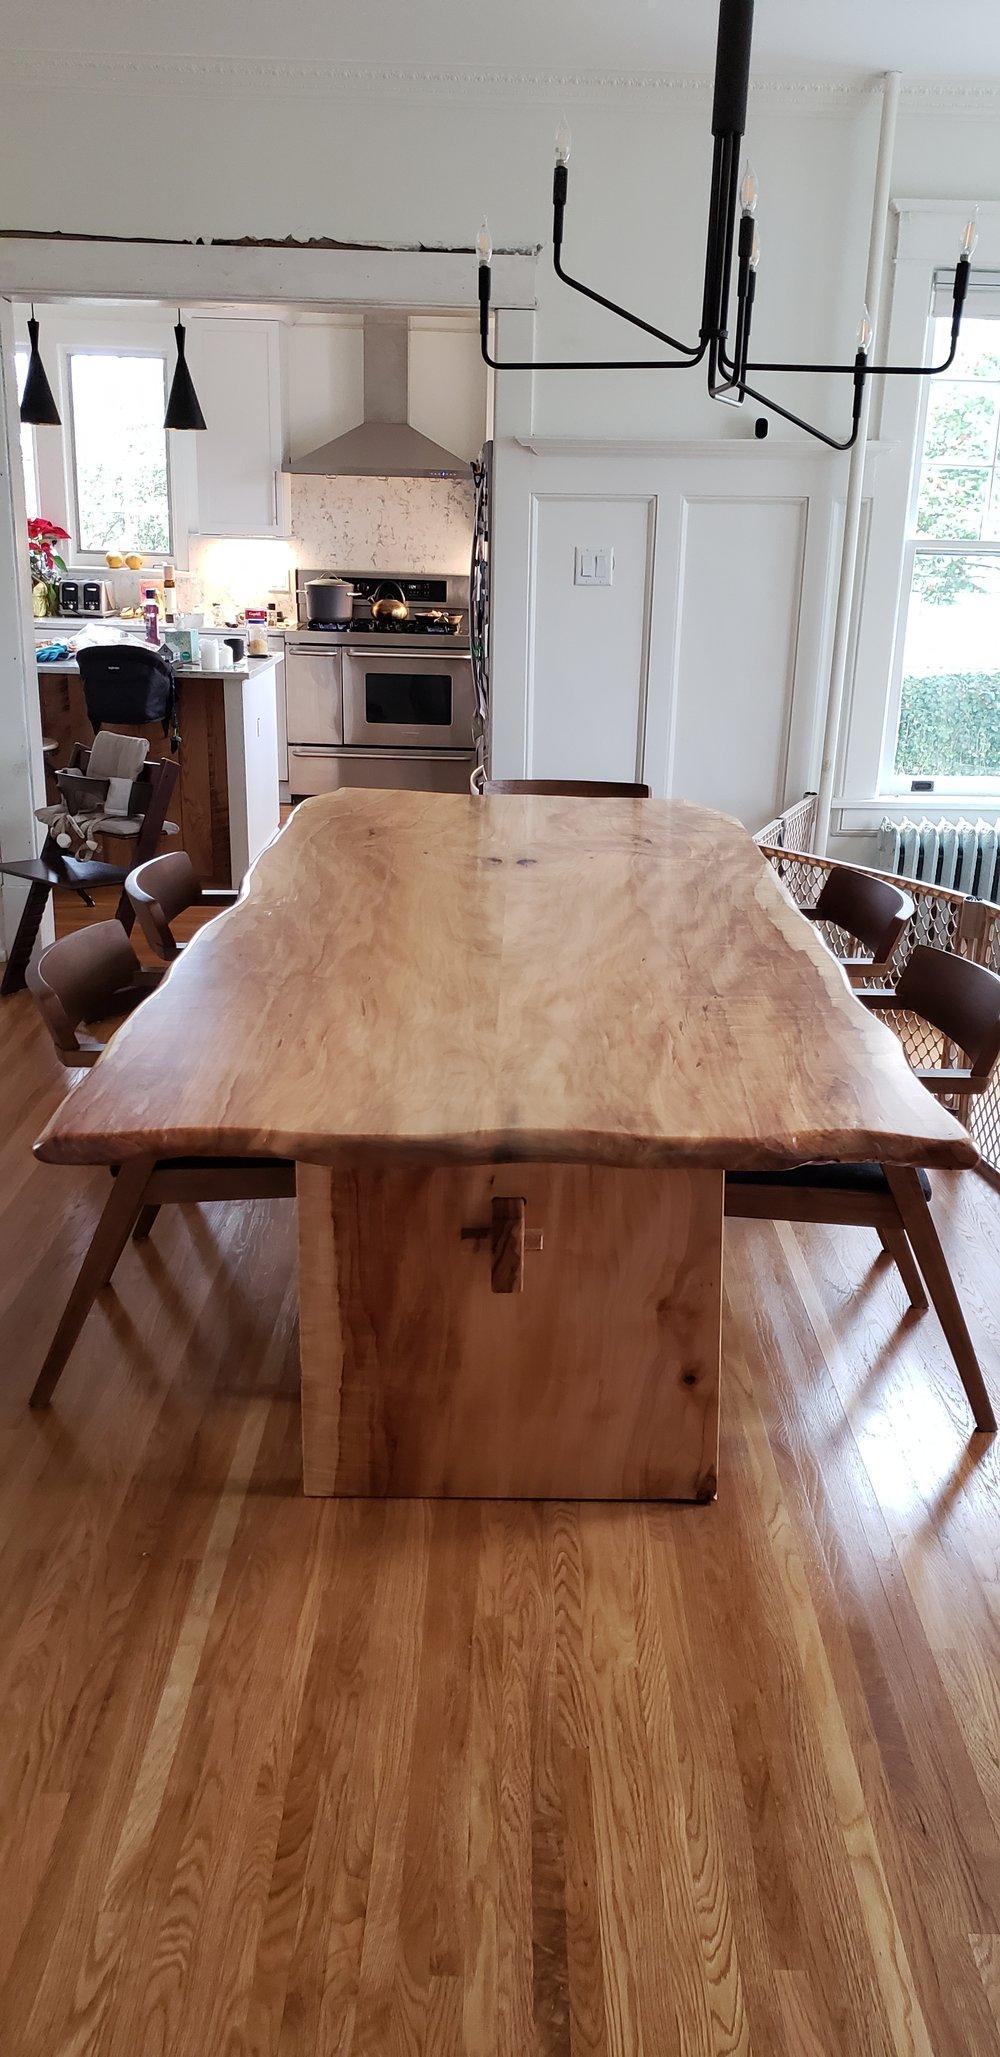 conlon table.jpg